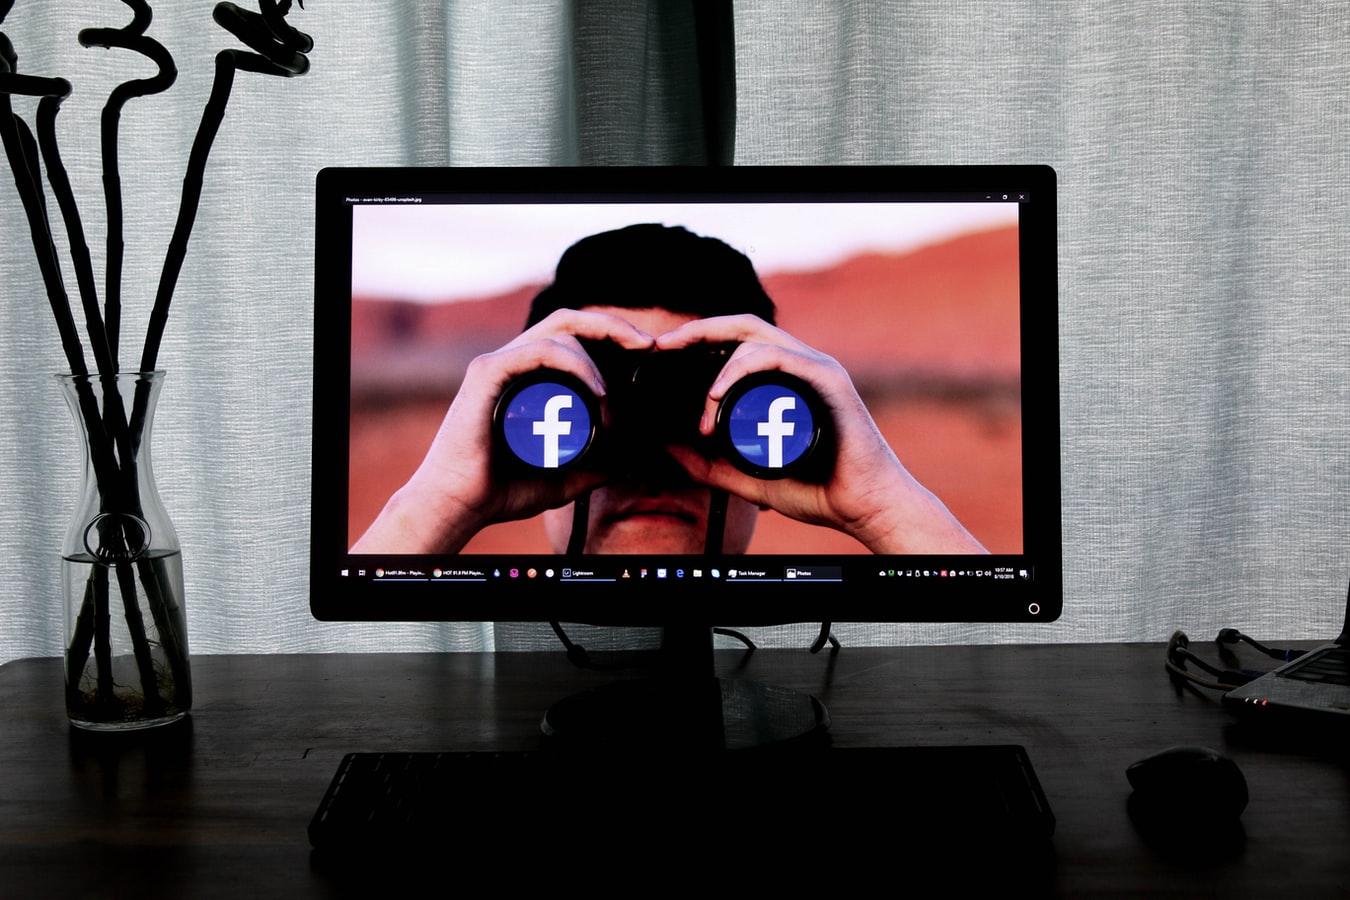 تجنب مراقبة حسابات التواصل الاجتماعي